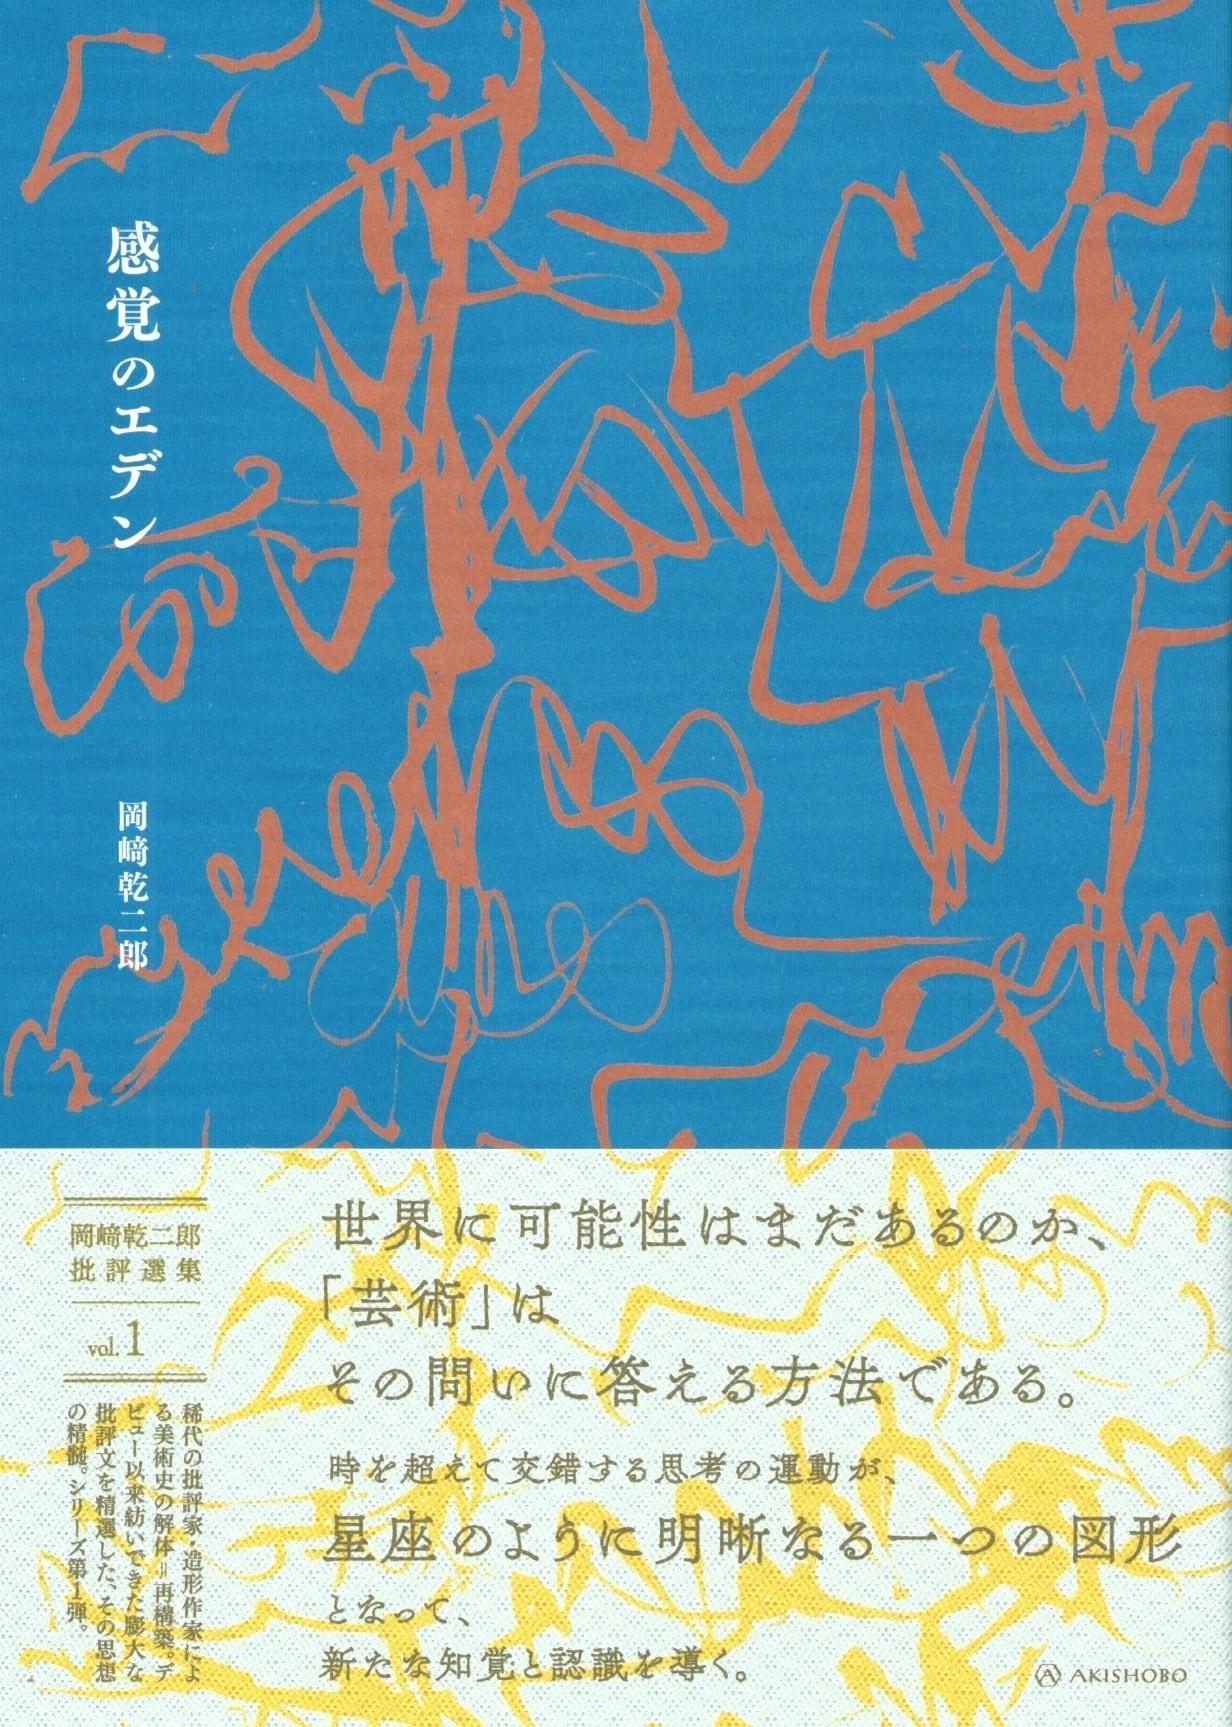 感覚のエデン 岡崎乾二郎批評選集 vol.1